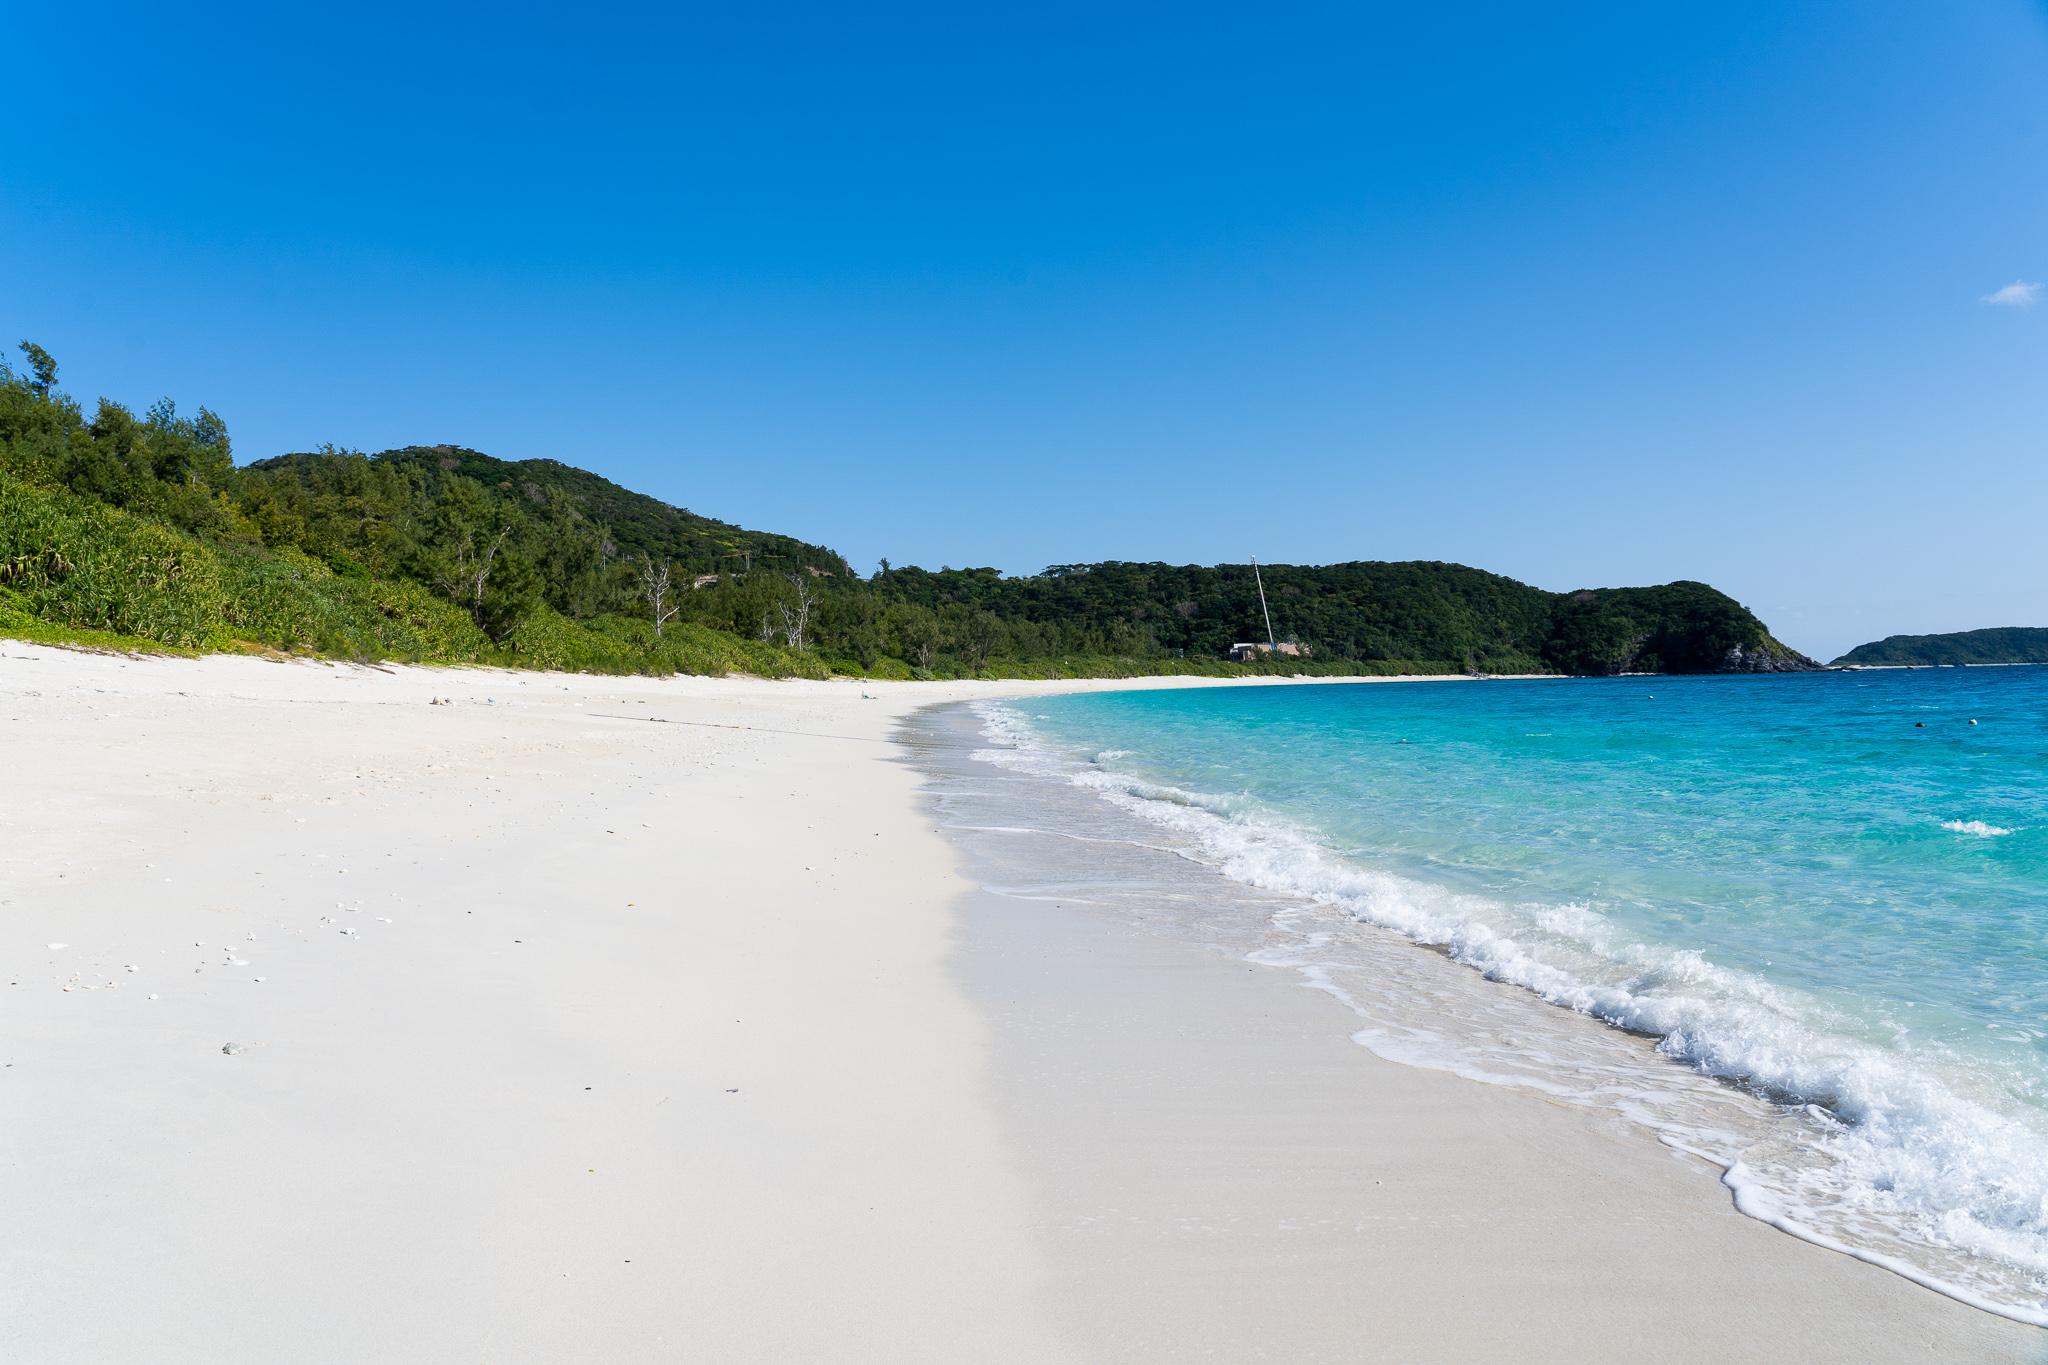 【沖縄旅行②】ついに沖縄「座間味島」上陸 ~島の人の温かさに触れて~